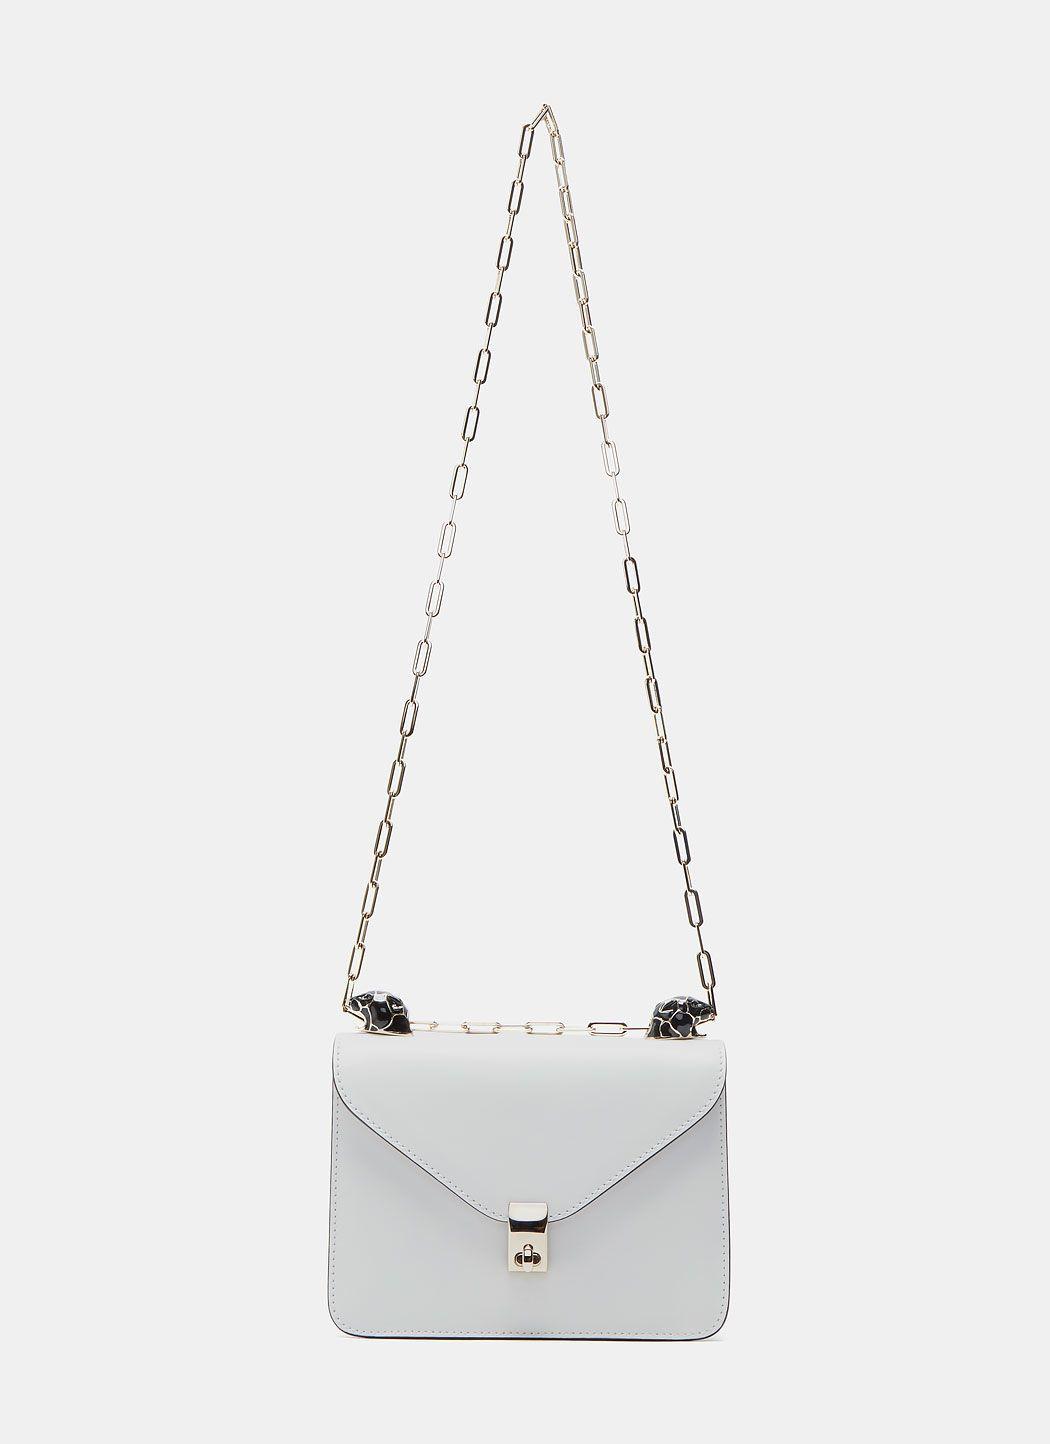 accessories online handbag woman jaguar tokyo tokyojaguar compra handbags en small